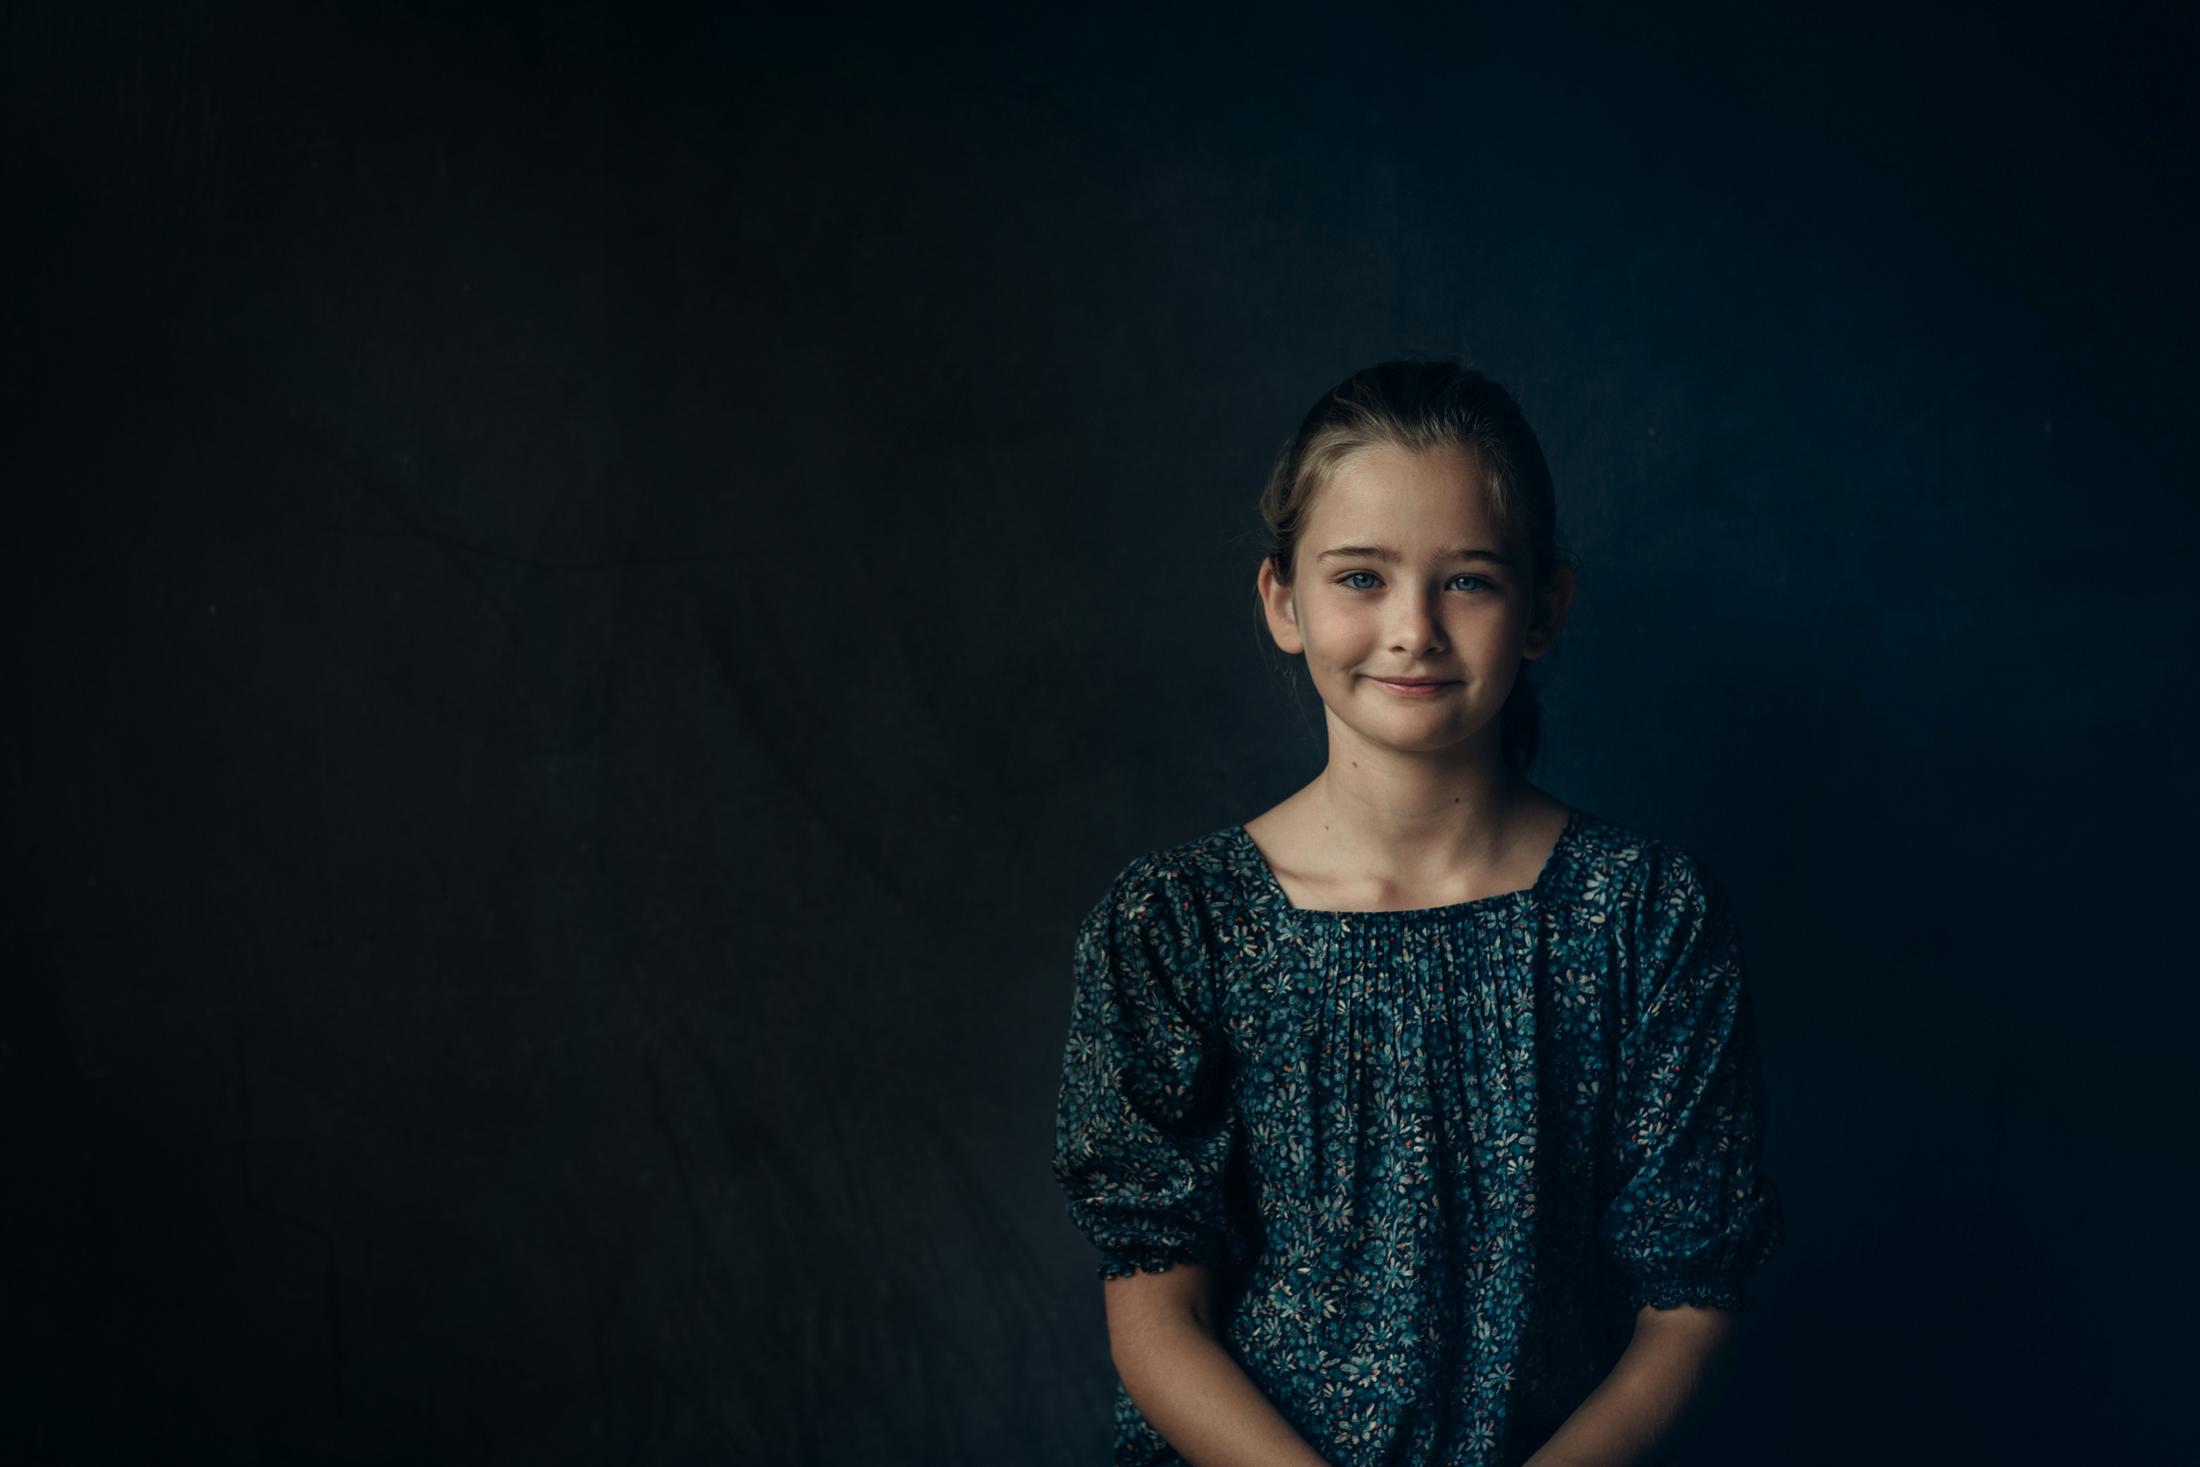 sydney_child_portrait_photgrapher_sheridan_nilsson-4556.jpg